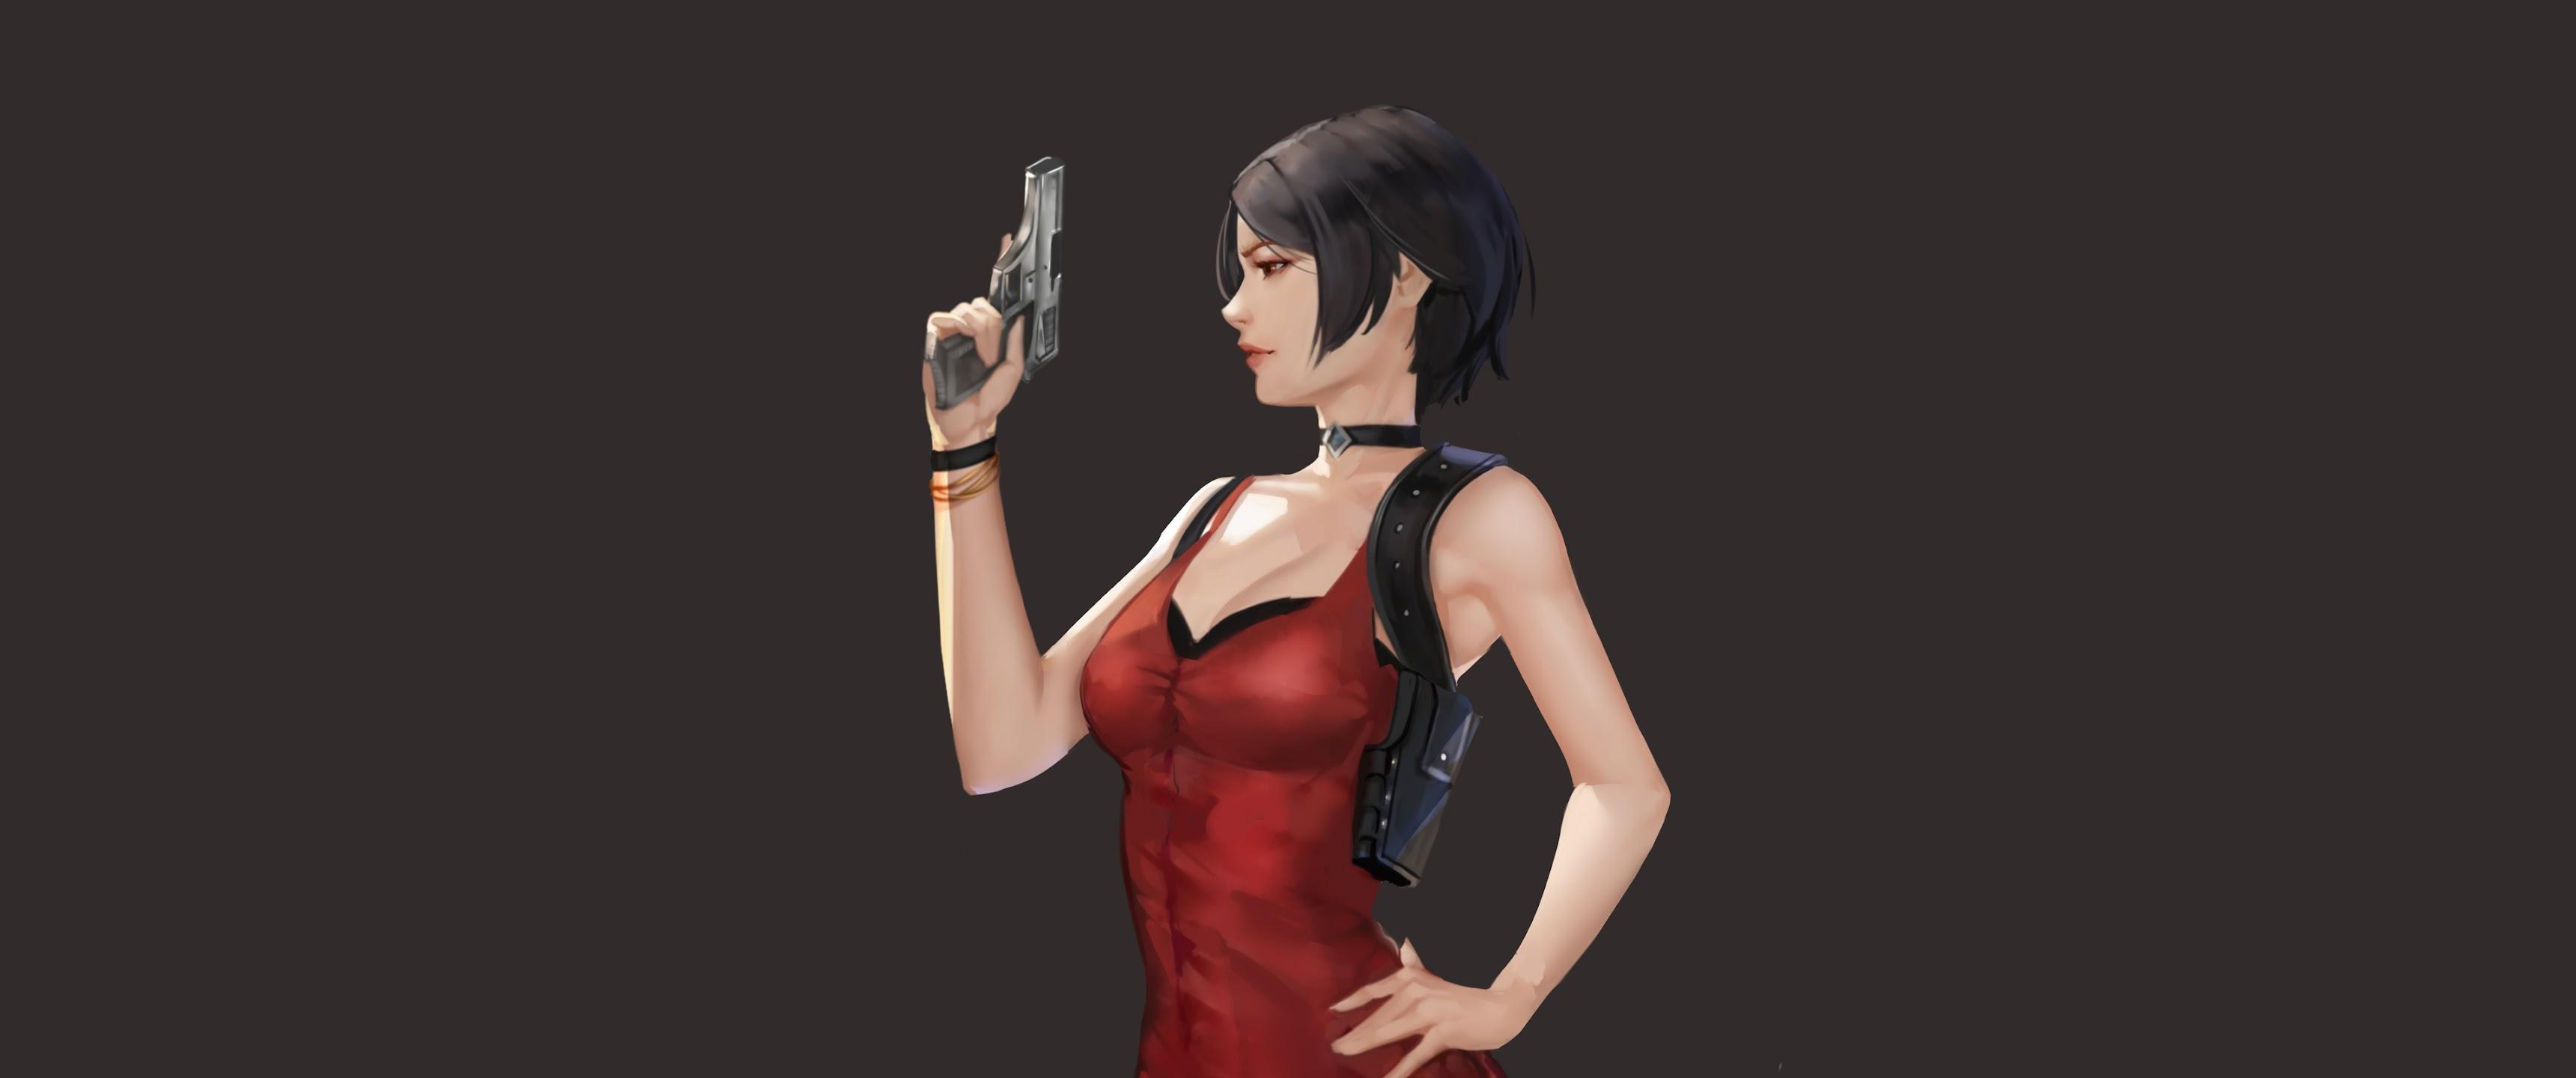 Ada Wong Resident Evil 2 Girl 4K Wallpaper #18